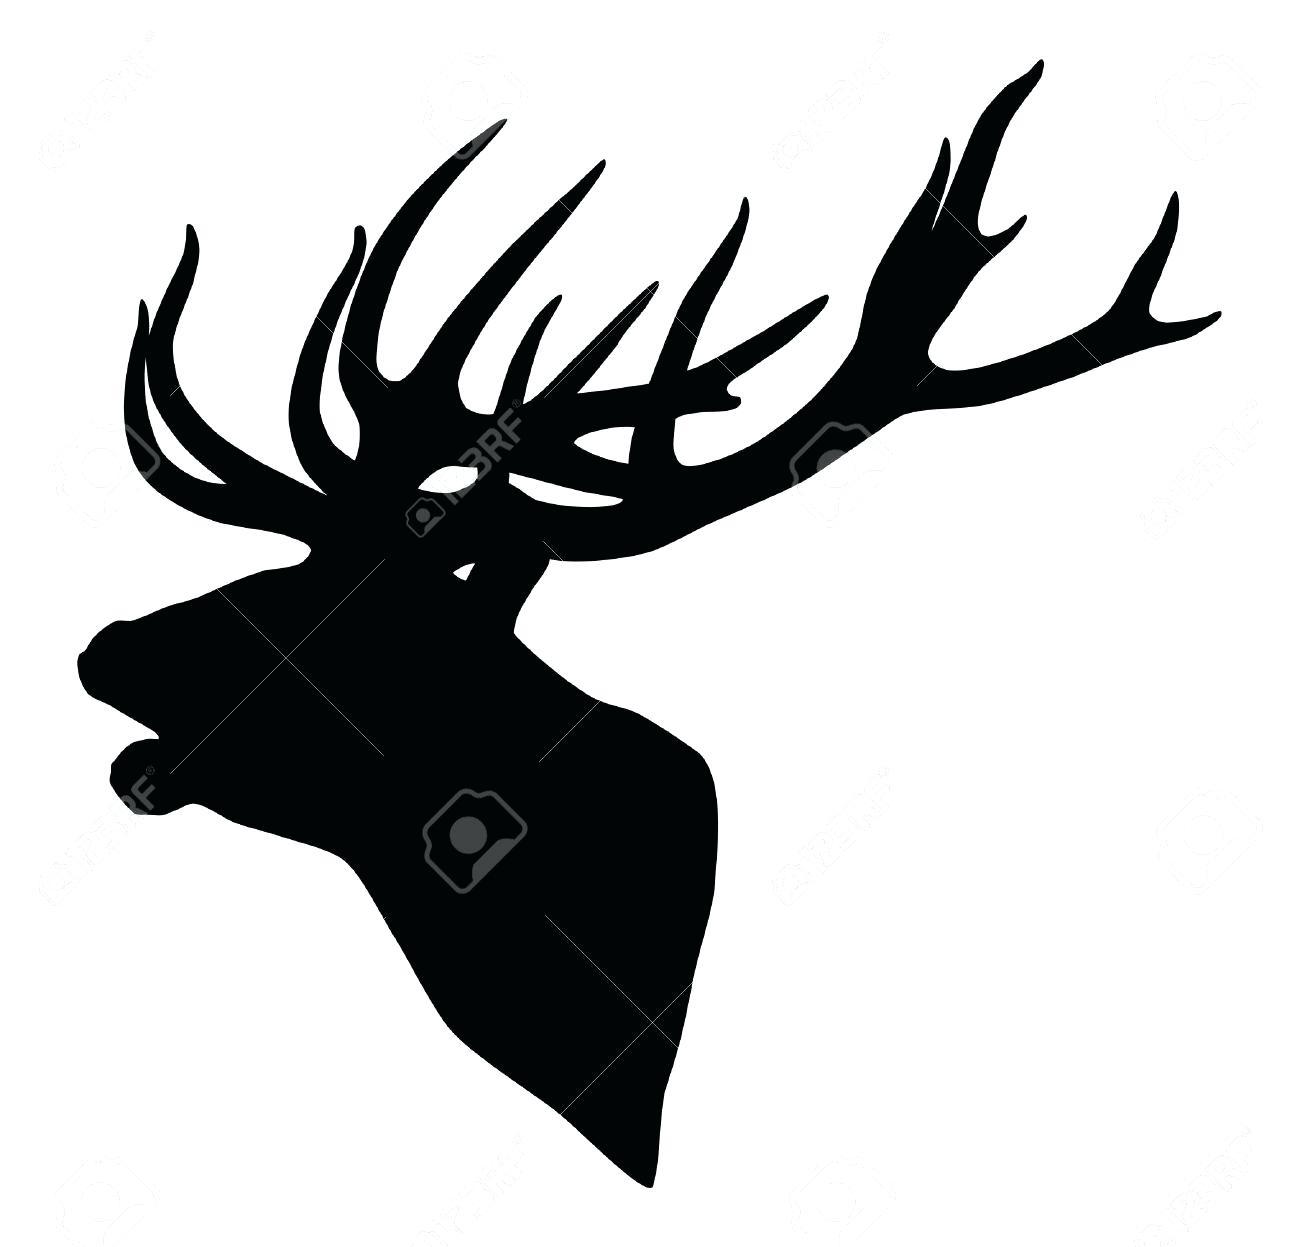 1300x1247 Template Reindeer Head Silhouette Template Black Of A Deer